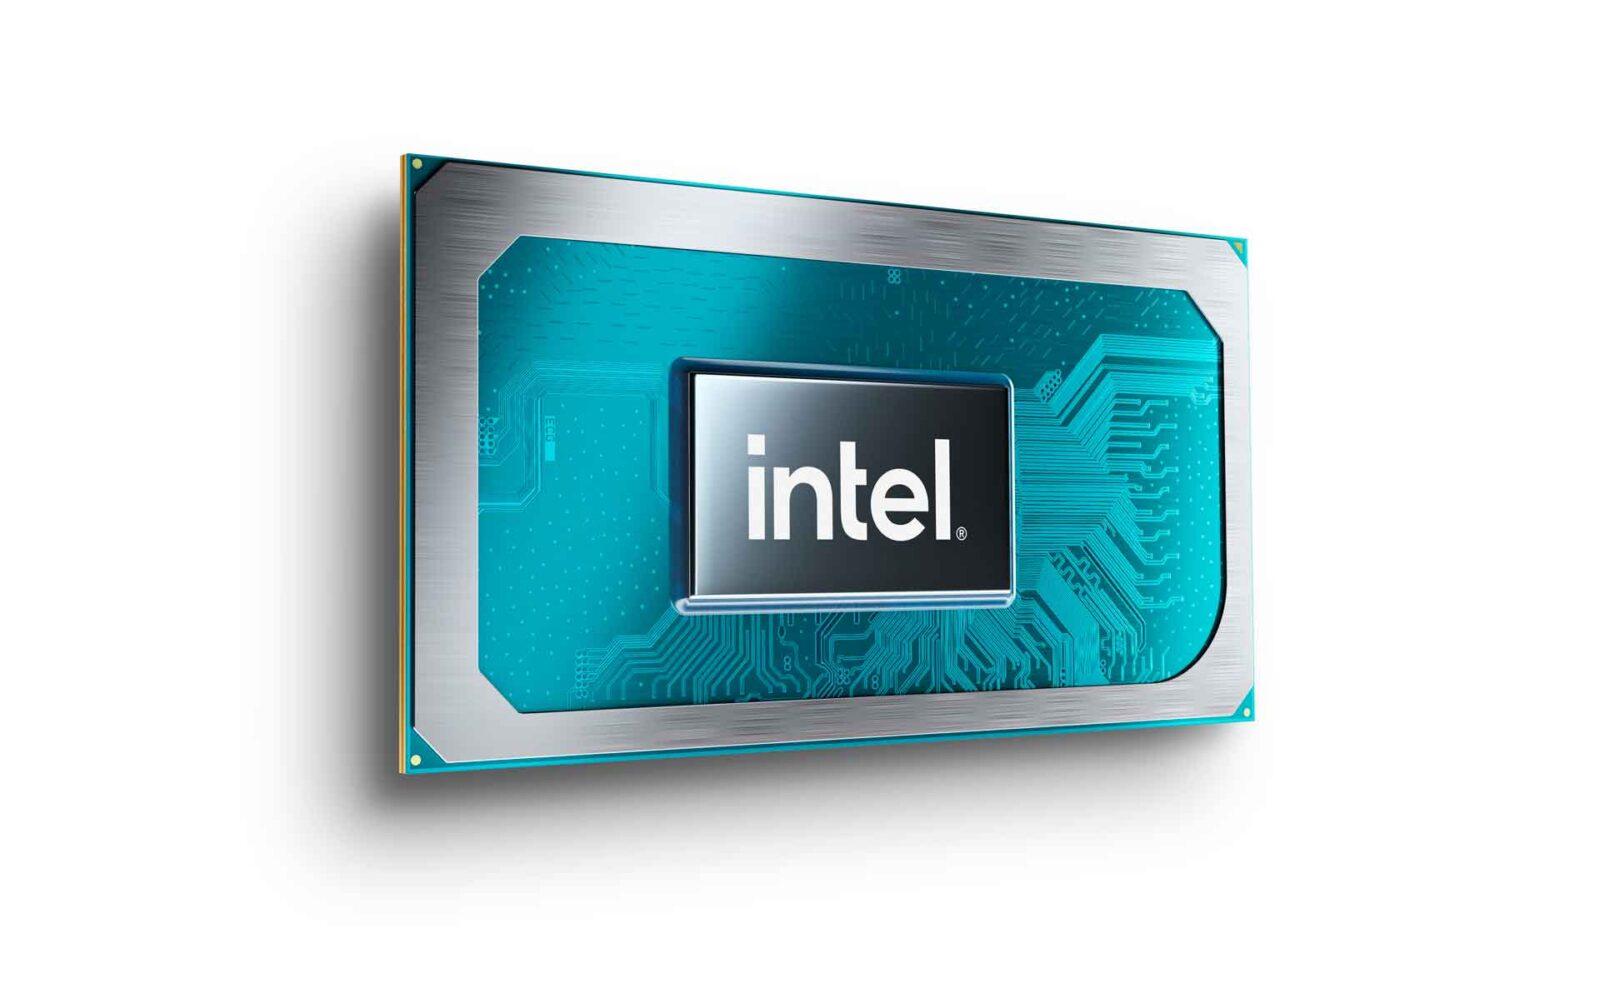 اینتل از دو پردازنده جدید 11th Gen رونمایی کرد